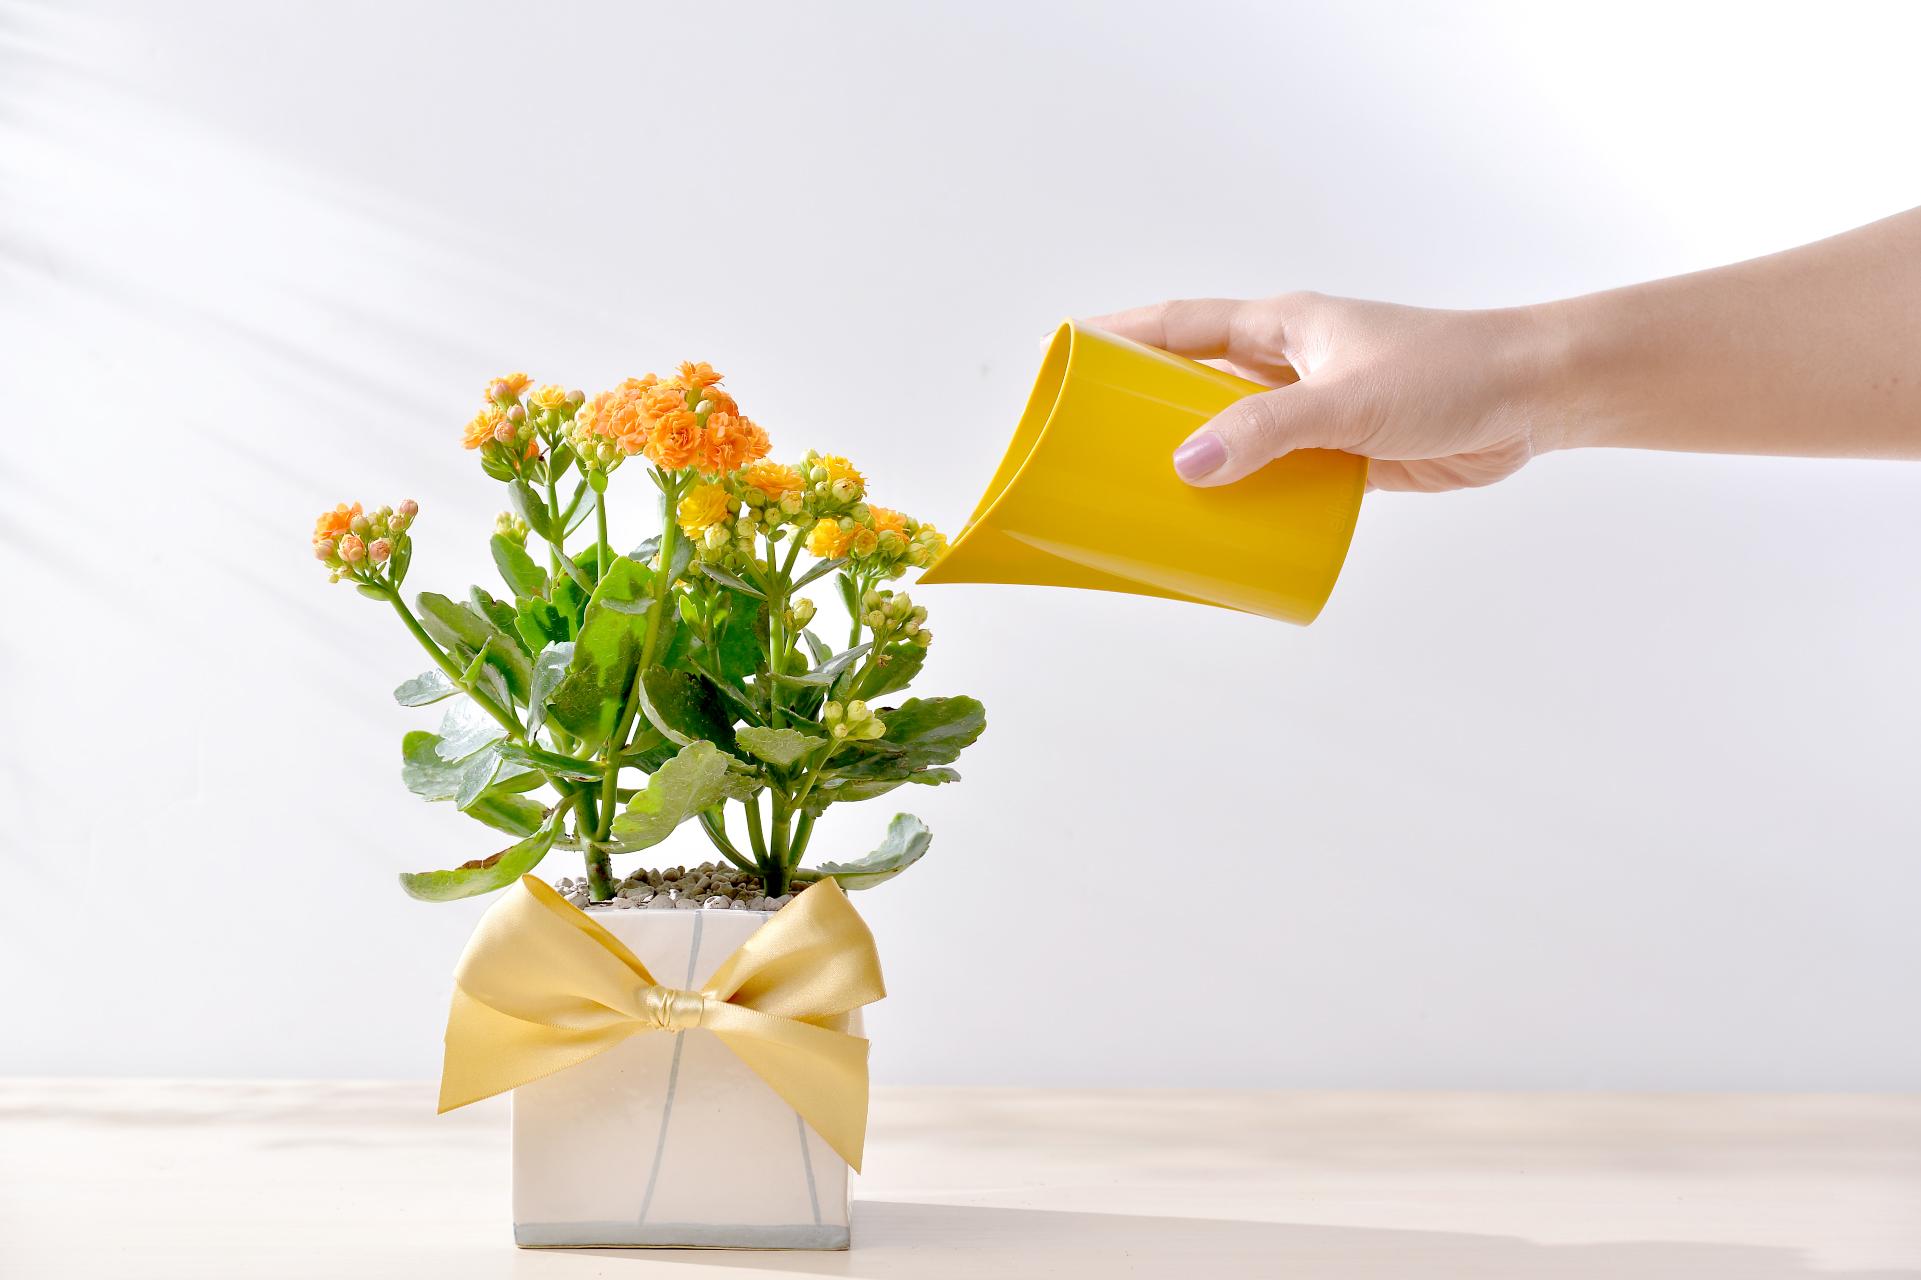 長壽花盆栽 - 簡約方盆組 3工作區域 1 複本 5